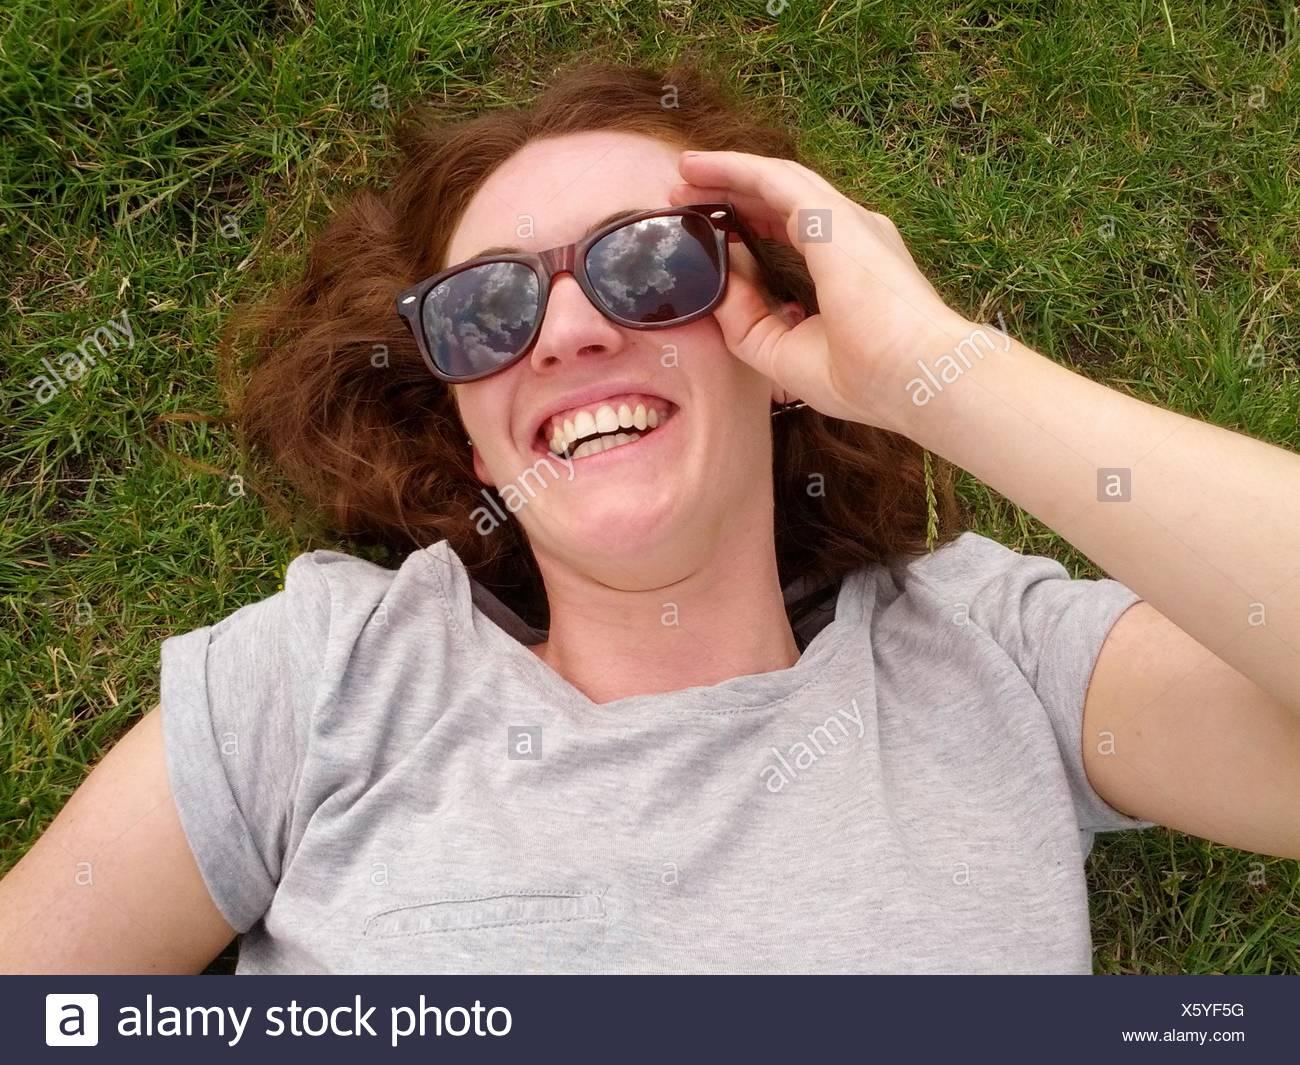 Sorridente giovane donna sdraiata sull'erba Immagini Stock